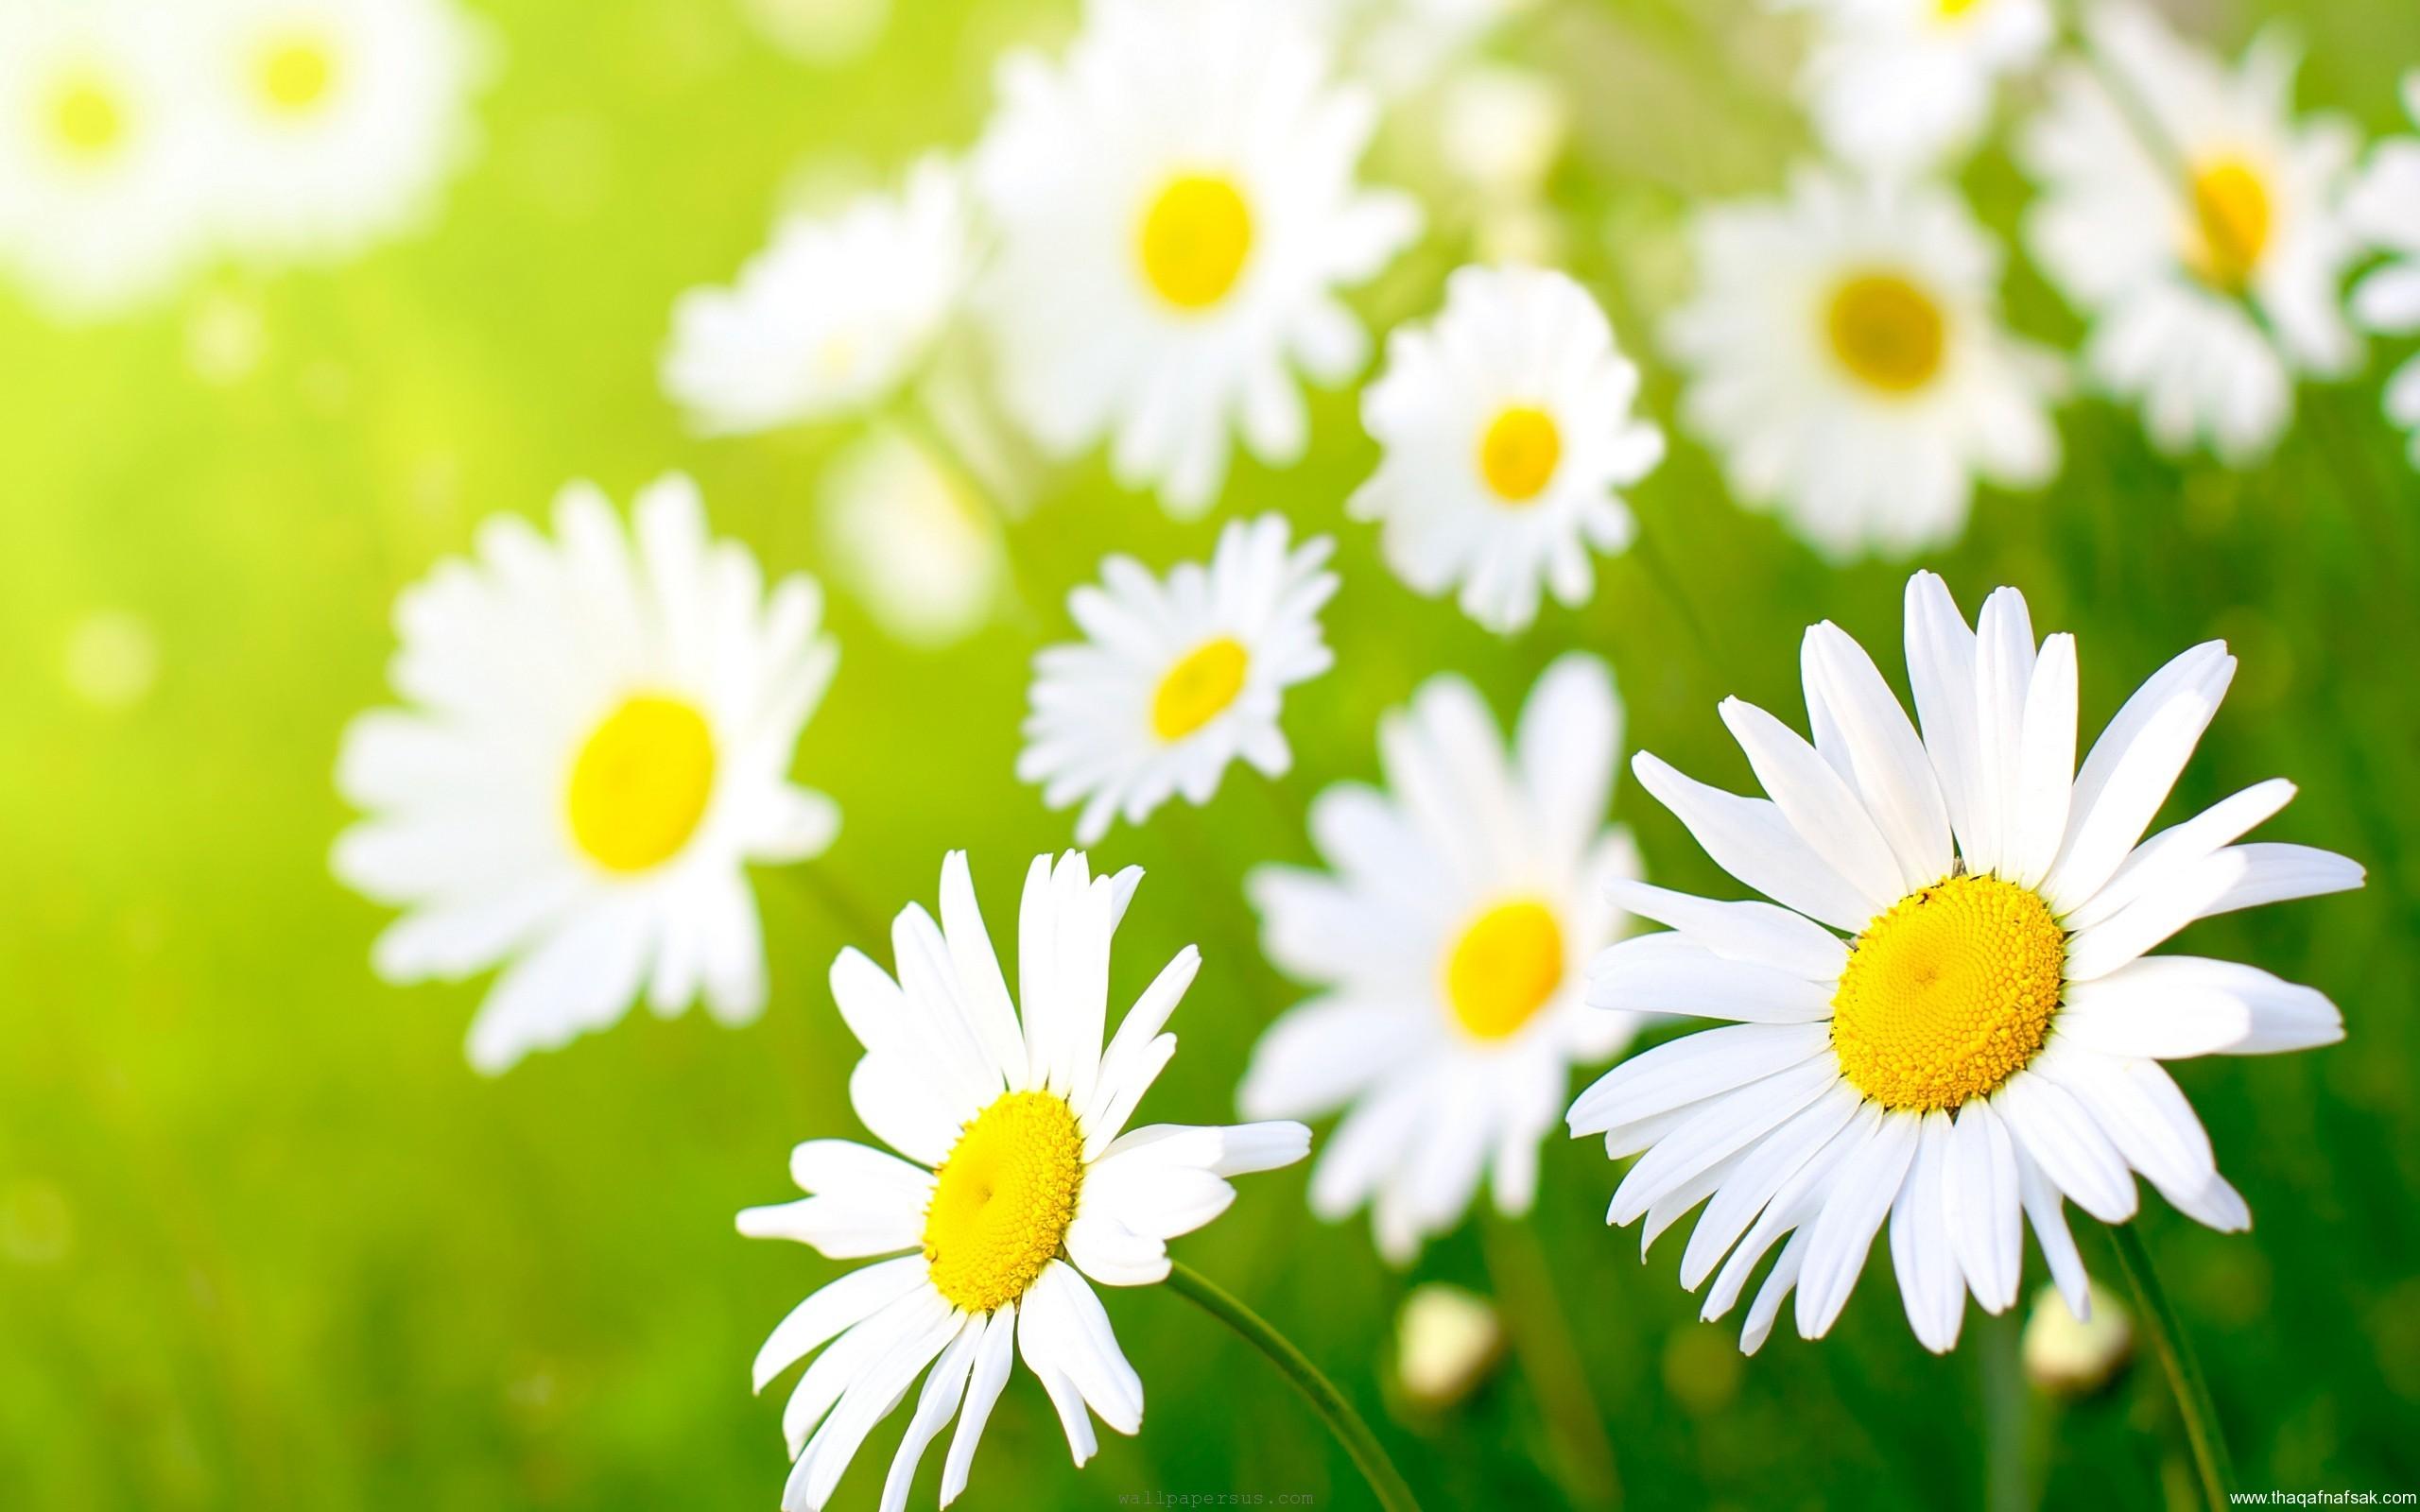 بالصور صور زهور الربيع , تعالو نشوف احلي الالبومات 11147 9